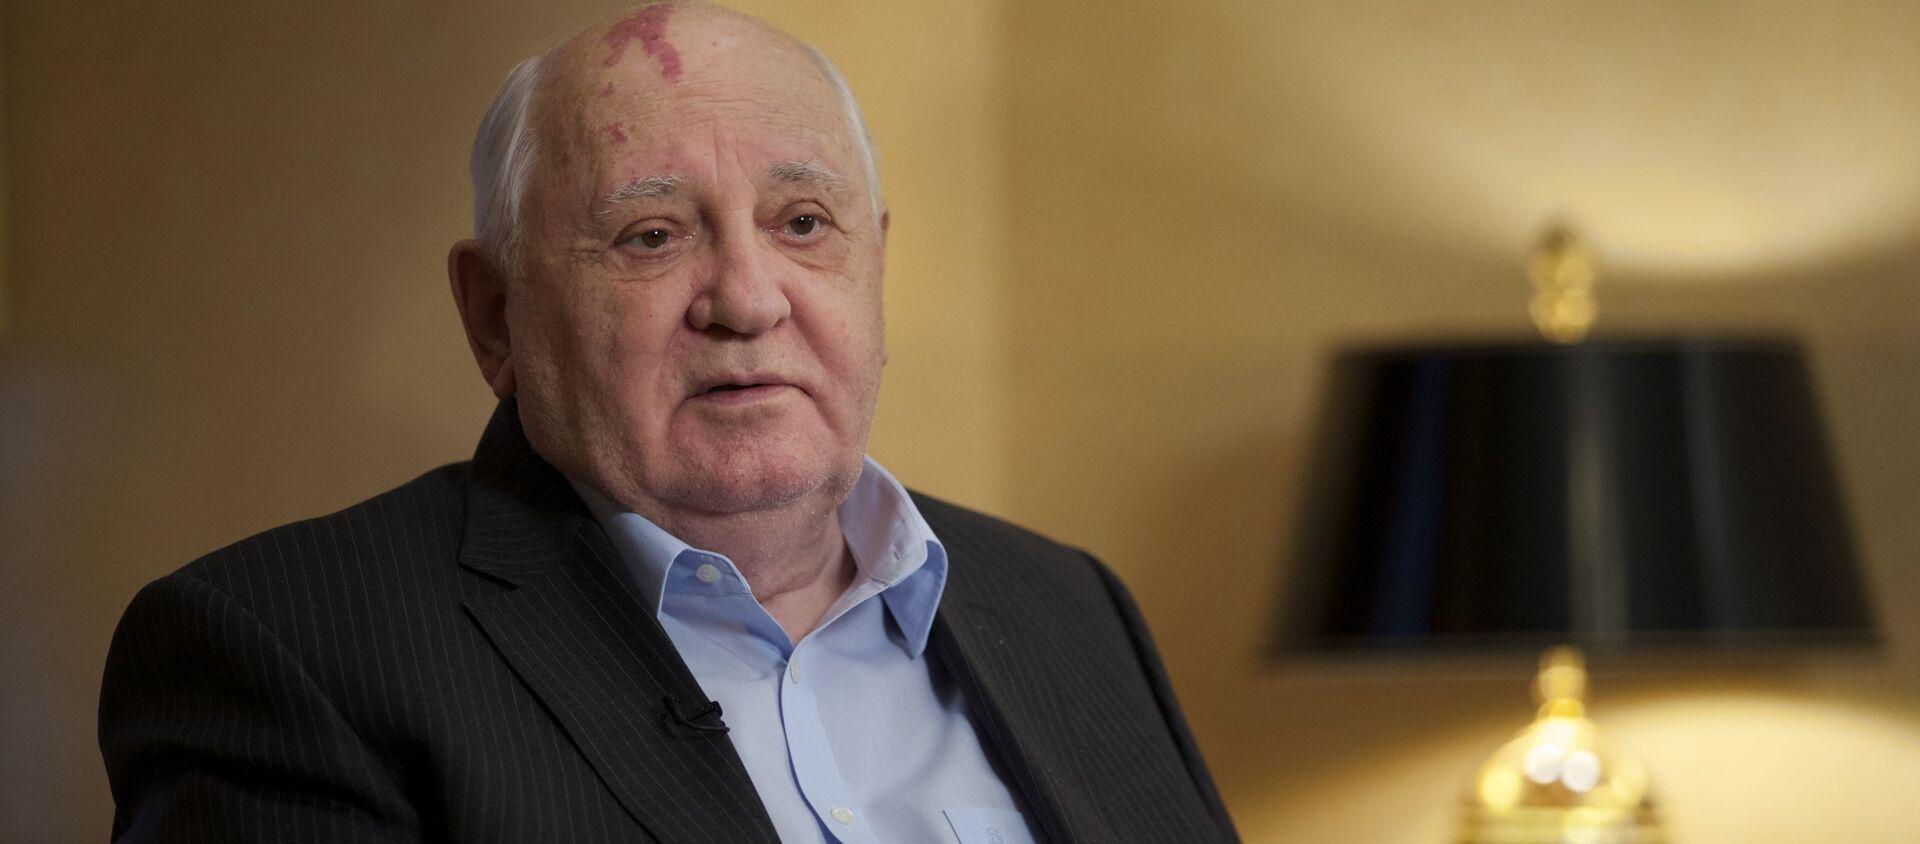 Mikhail Gorbachev nella residenza della sua fondazione a Mosca - Sputnik Italia, 1920, 02.03.2021